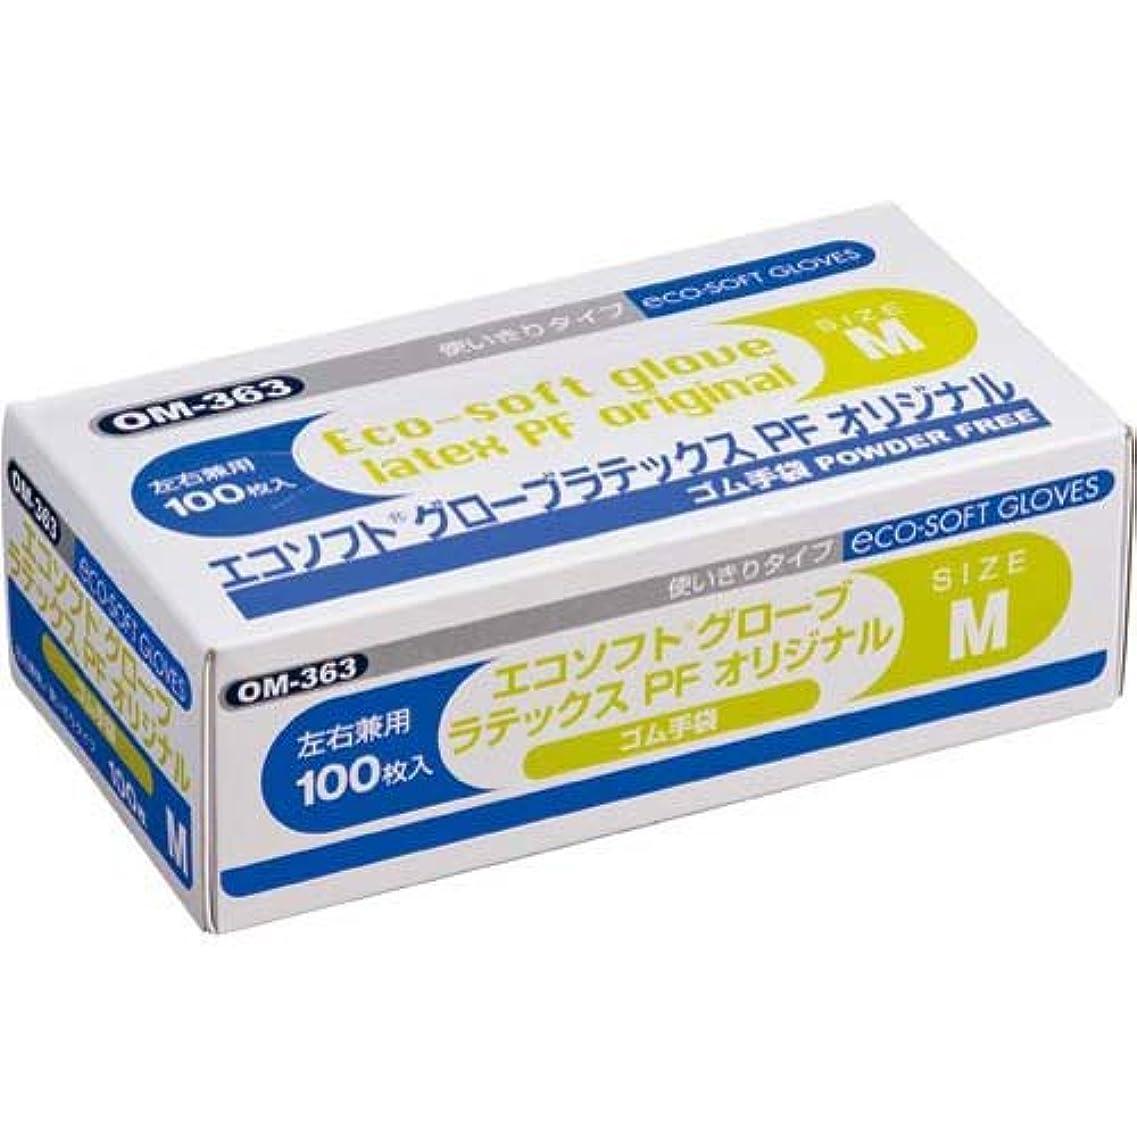 意識調和ジョージハンブリーオカモト エコソフト ラテックス手袋 粉無 M 10箱